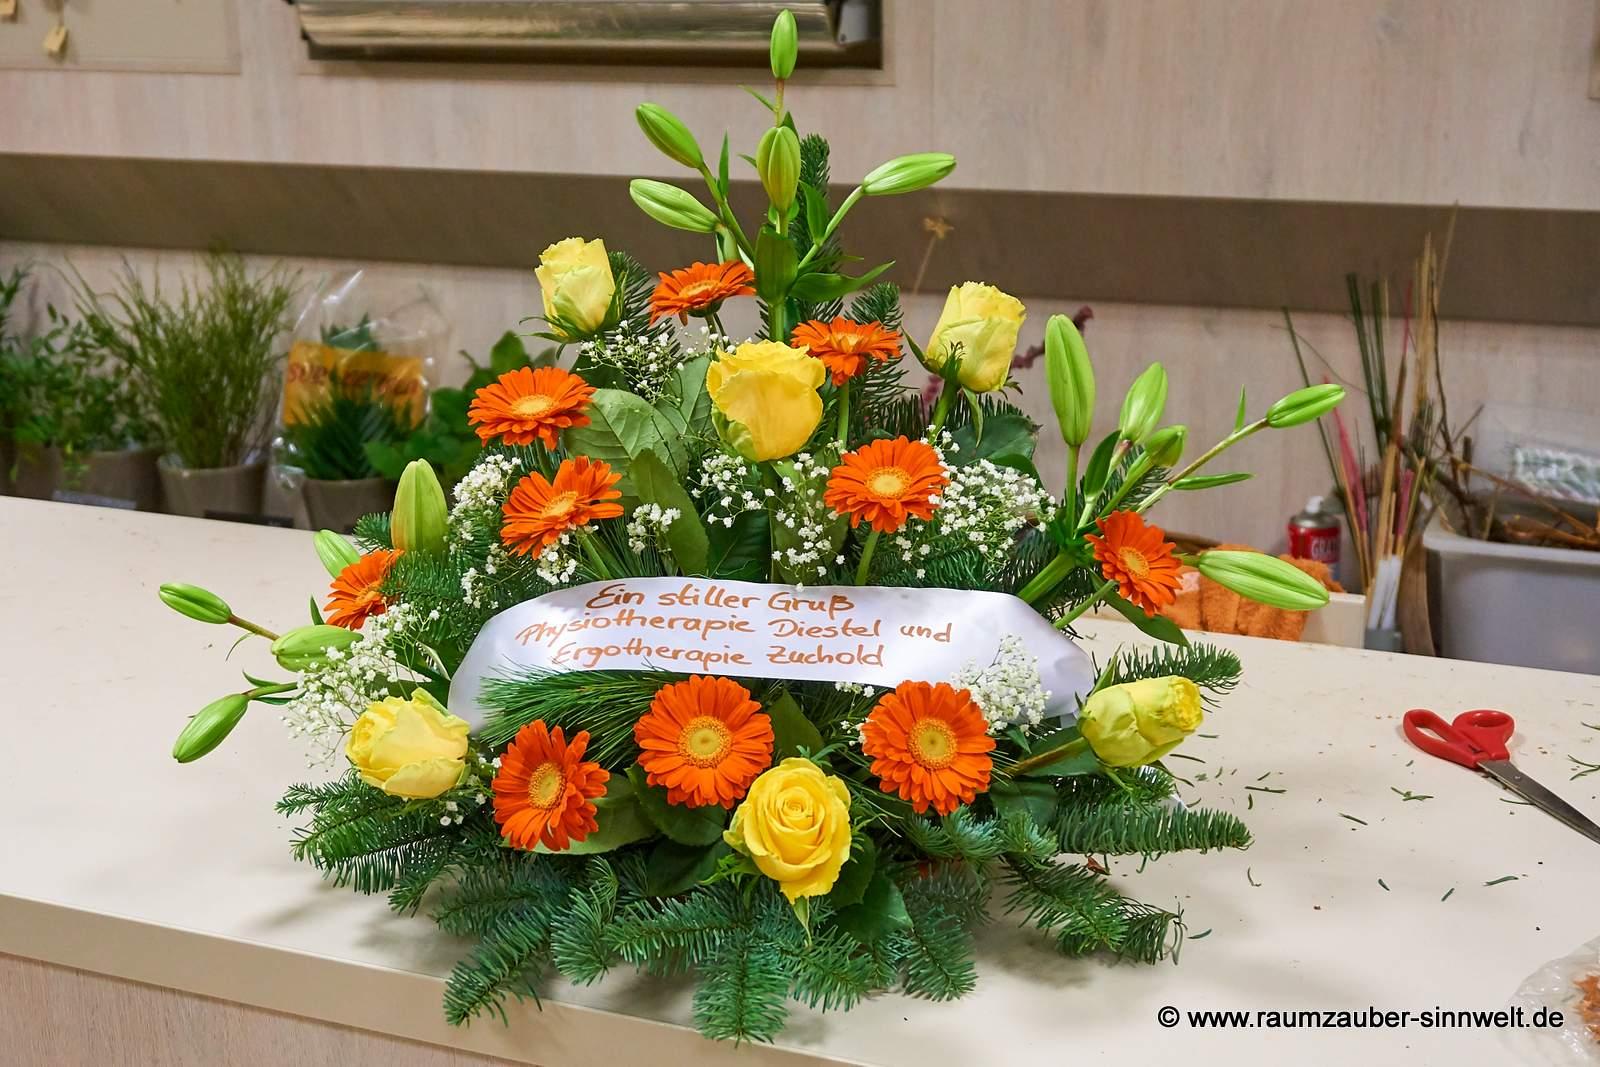 Trauergesteck mit Rosen, Lilien und Gerbera